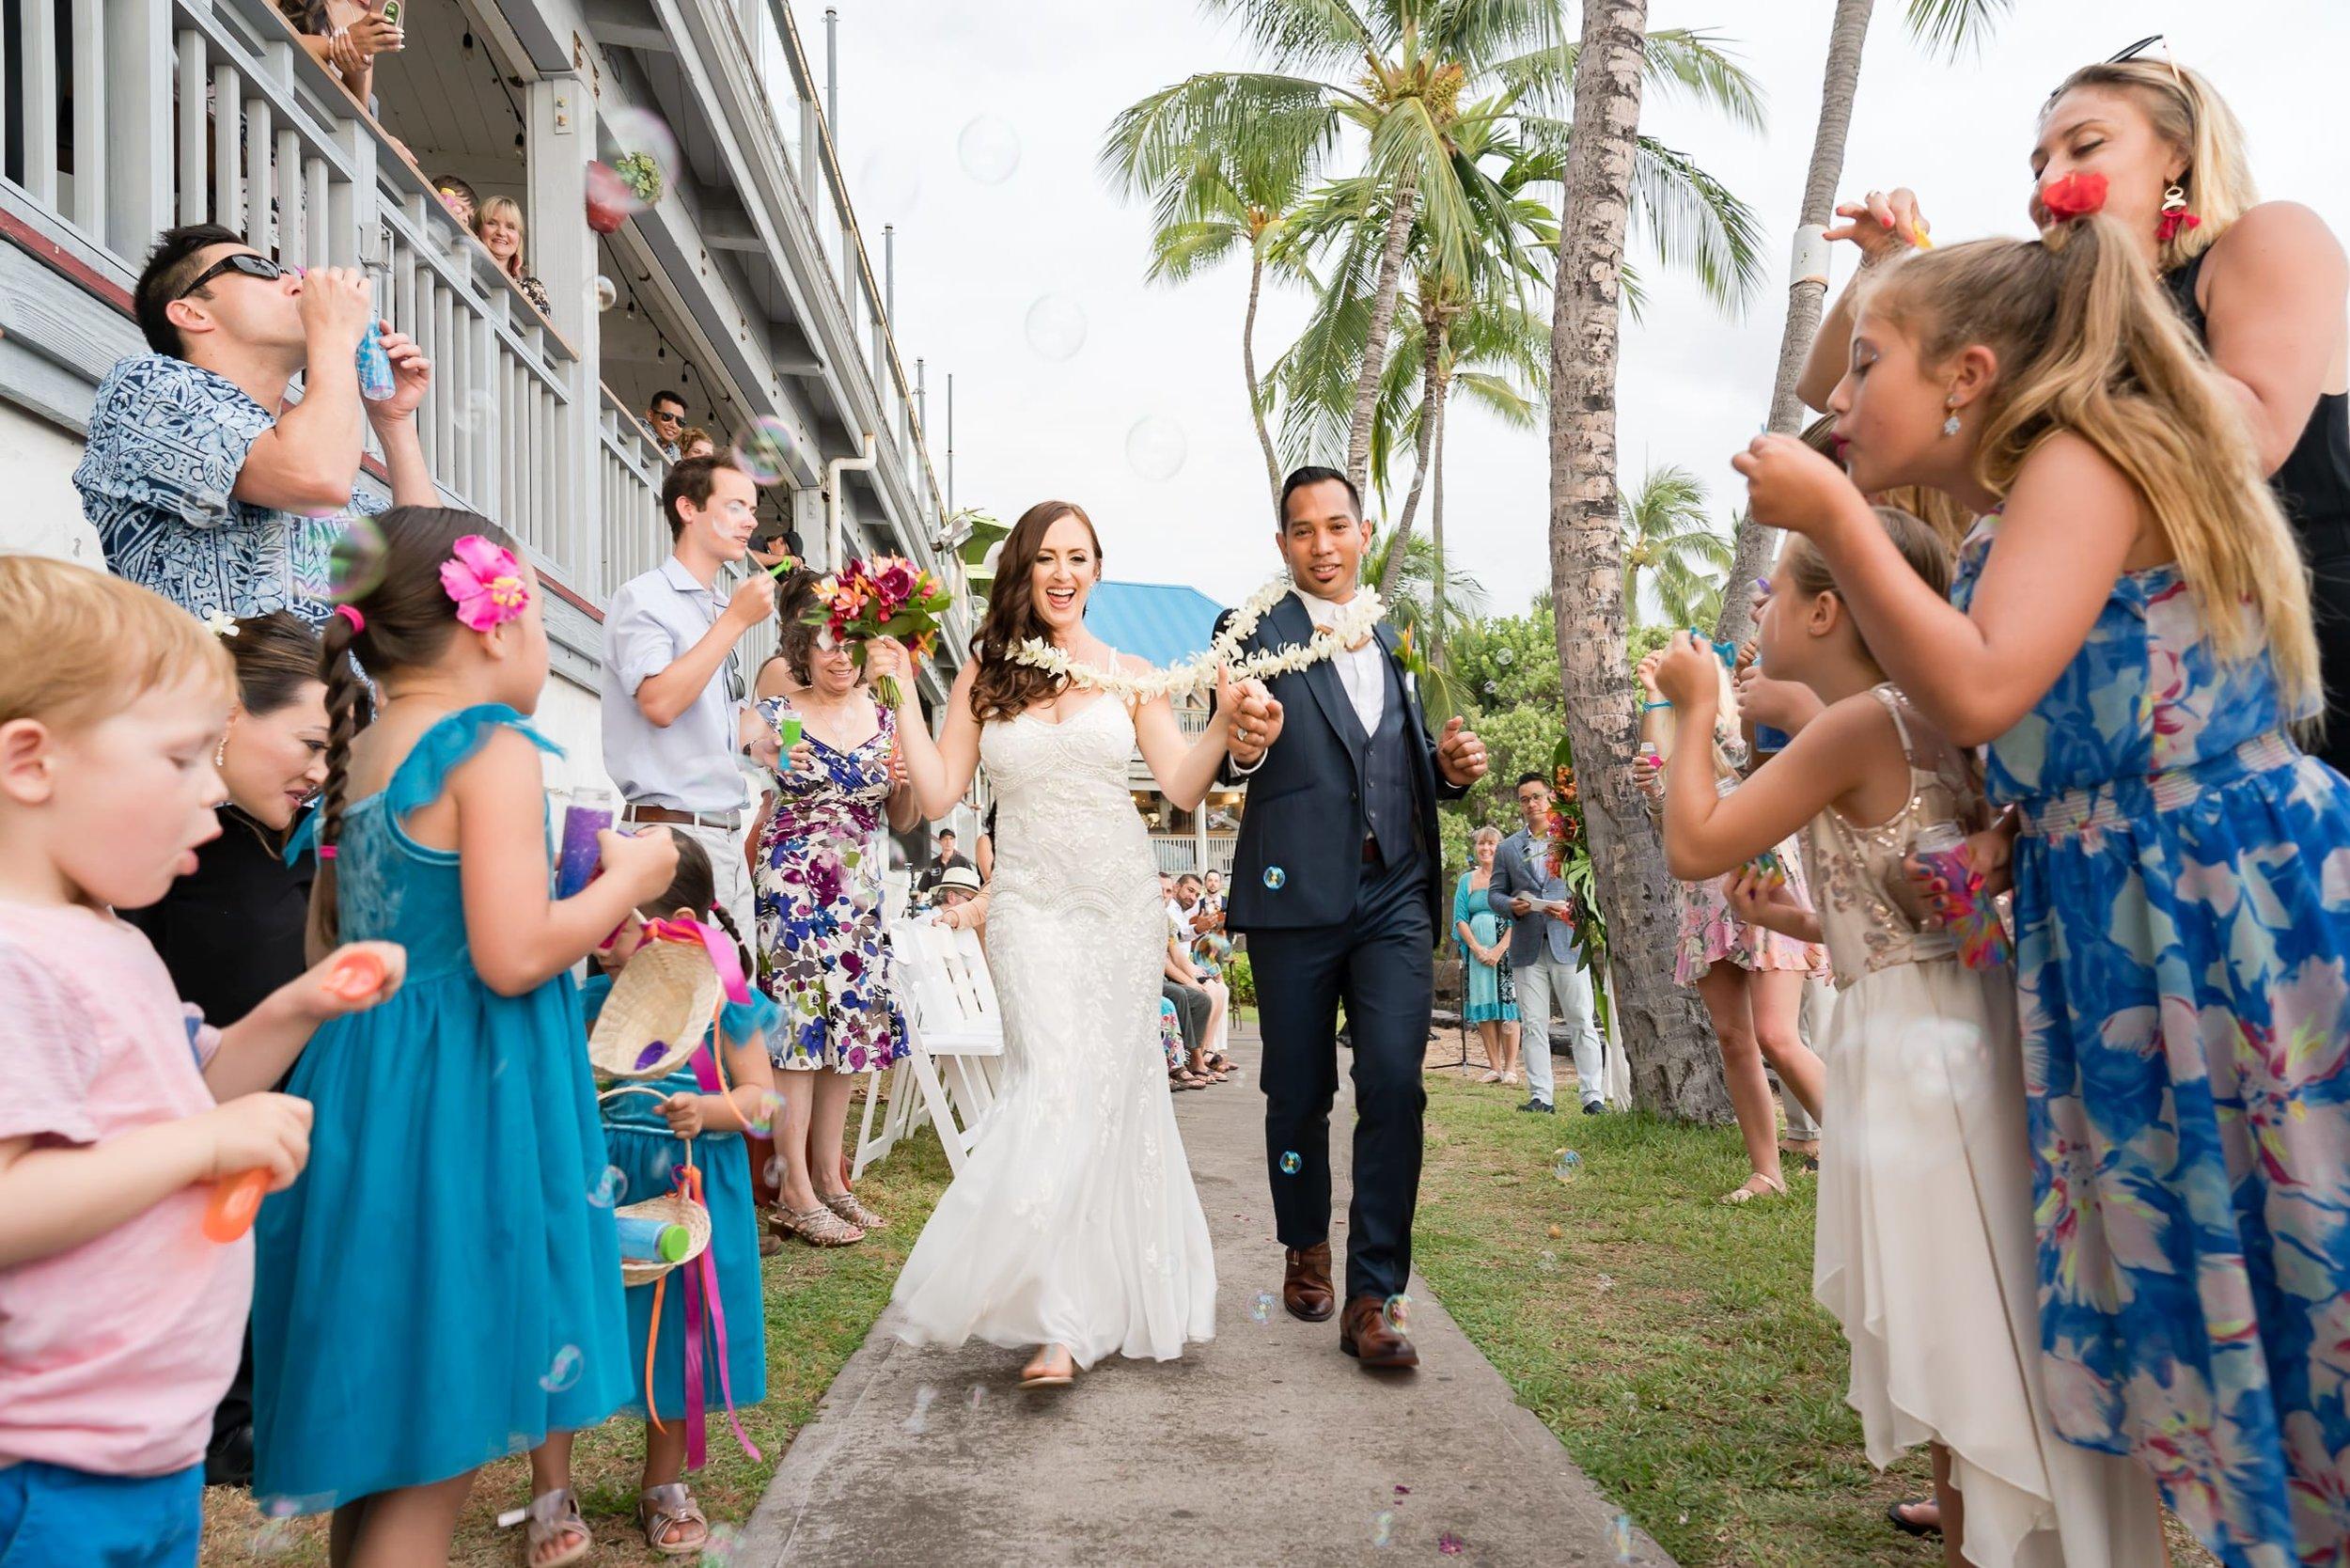 Big-Island-Hawaii-Jade-Keyes-Derrick-Alig-Daylight-Mind-Kailua-Kona-Hawaii-Wedding17.jpg